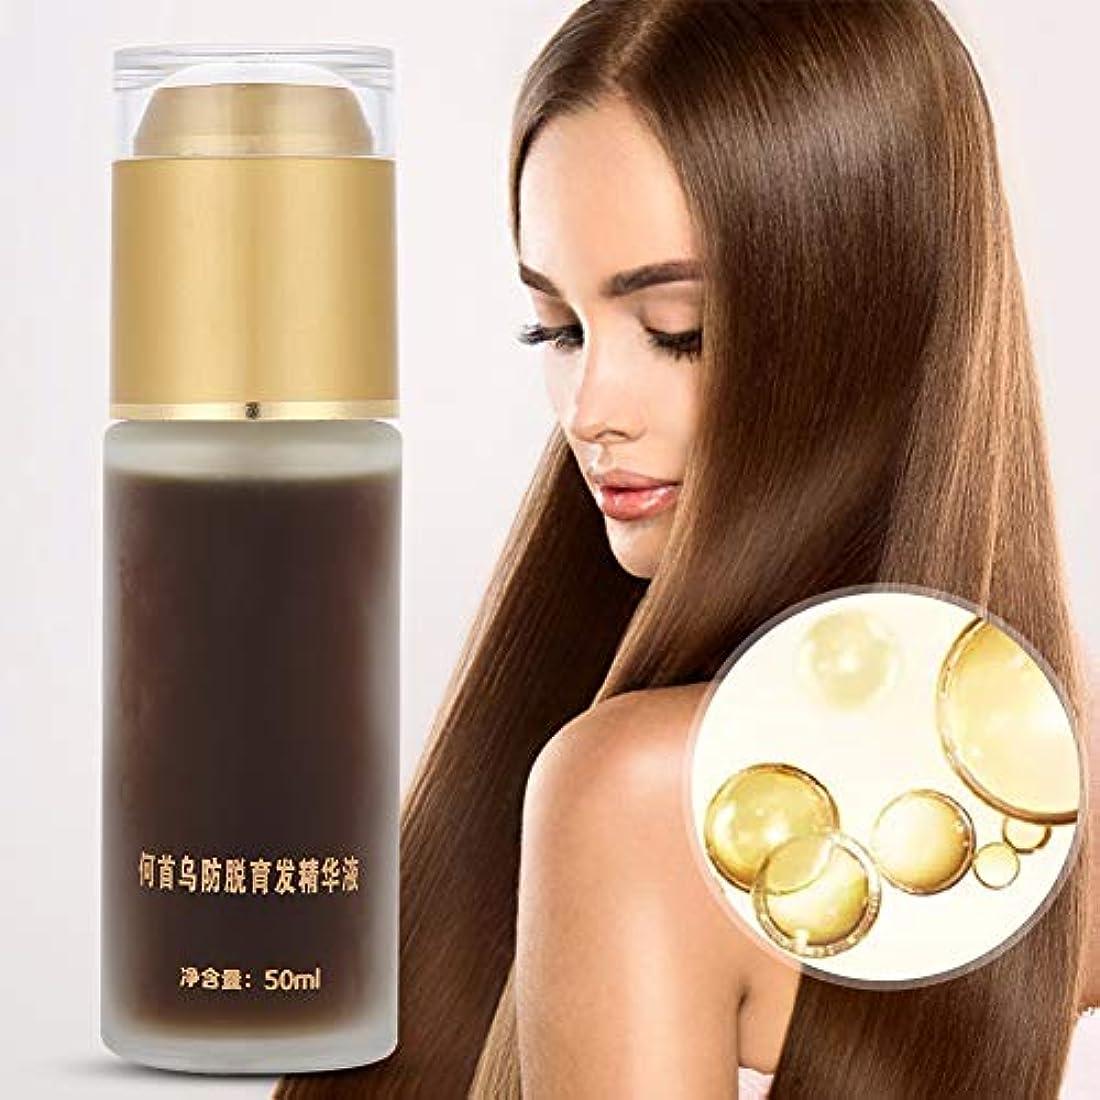 護衛言うステレオタイプ50ミリリットルpolygonum multiflorum育毛セラムピラトリーアンチ抜け毛エッセンス液体エッセンシャルオイル育毛、肌保湿剤、ラッシュブースト血清